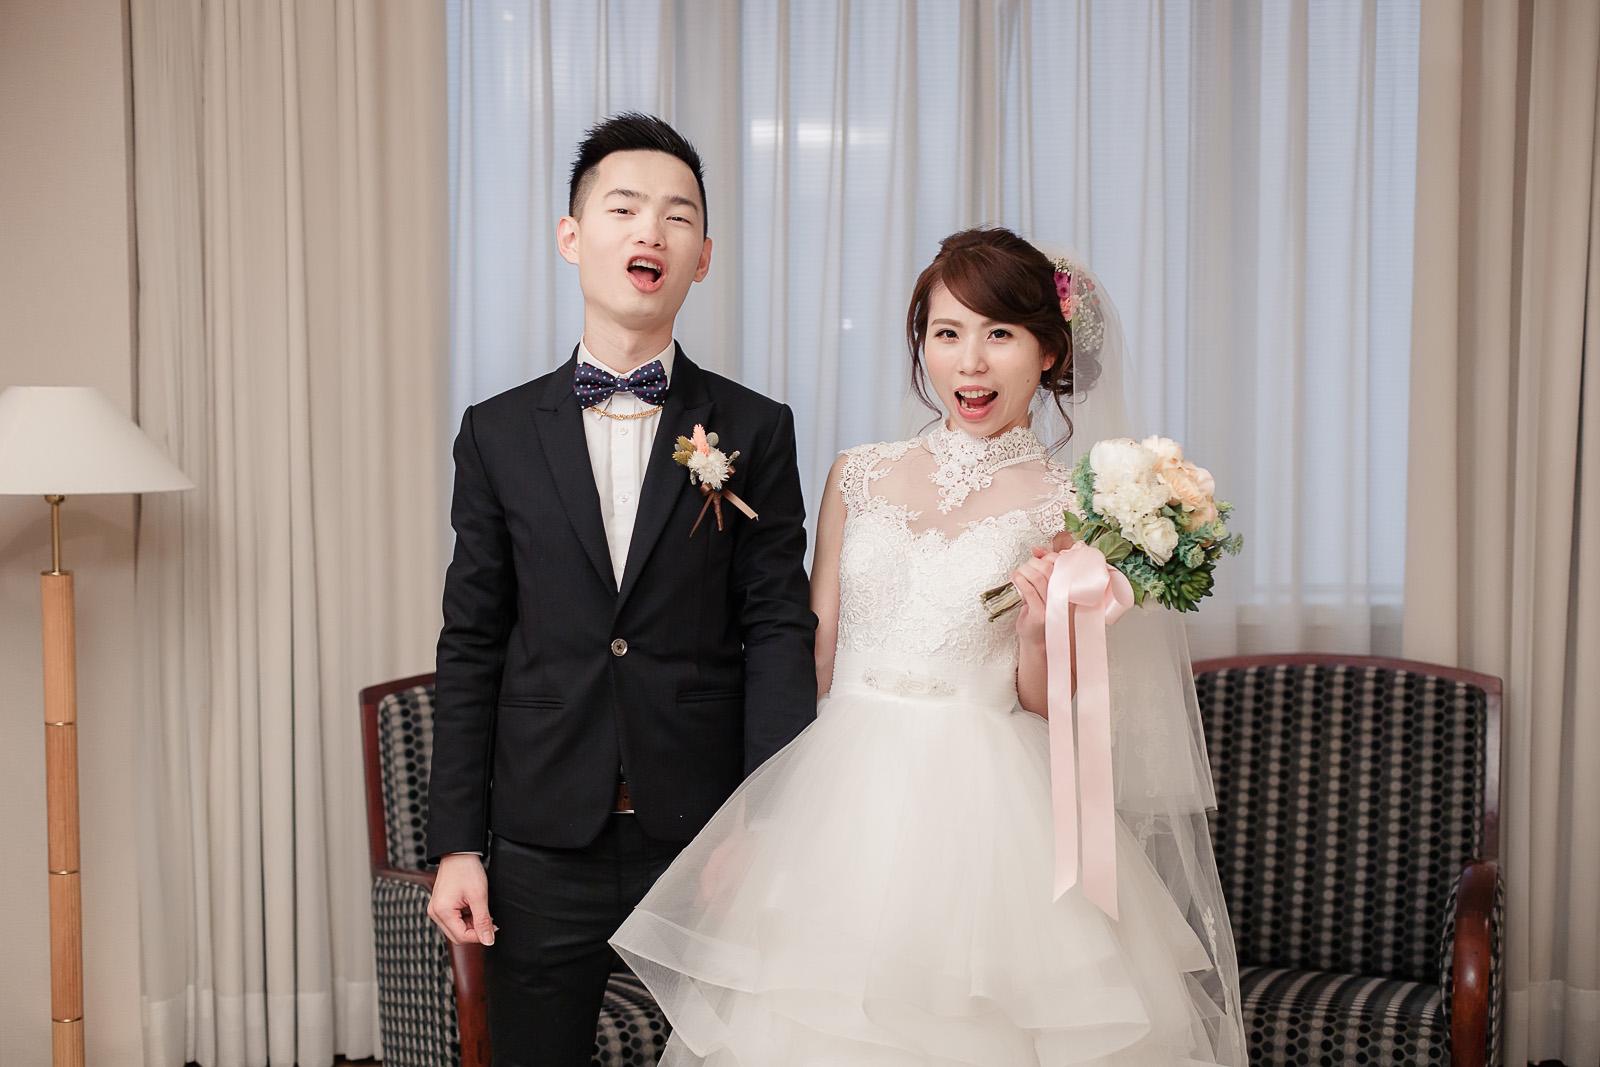 高雄圓山飯店,婚禮攝影,婚攝,高雄婚攝,優質婚攝推薦,Jen&Ethan-140